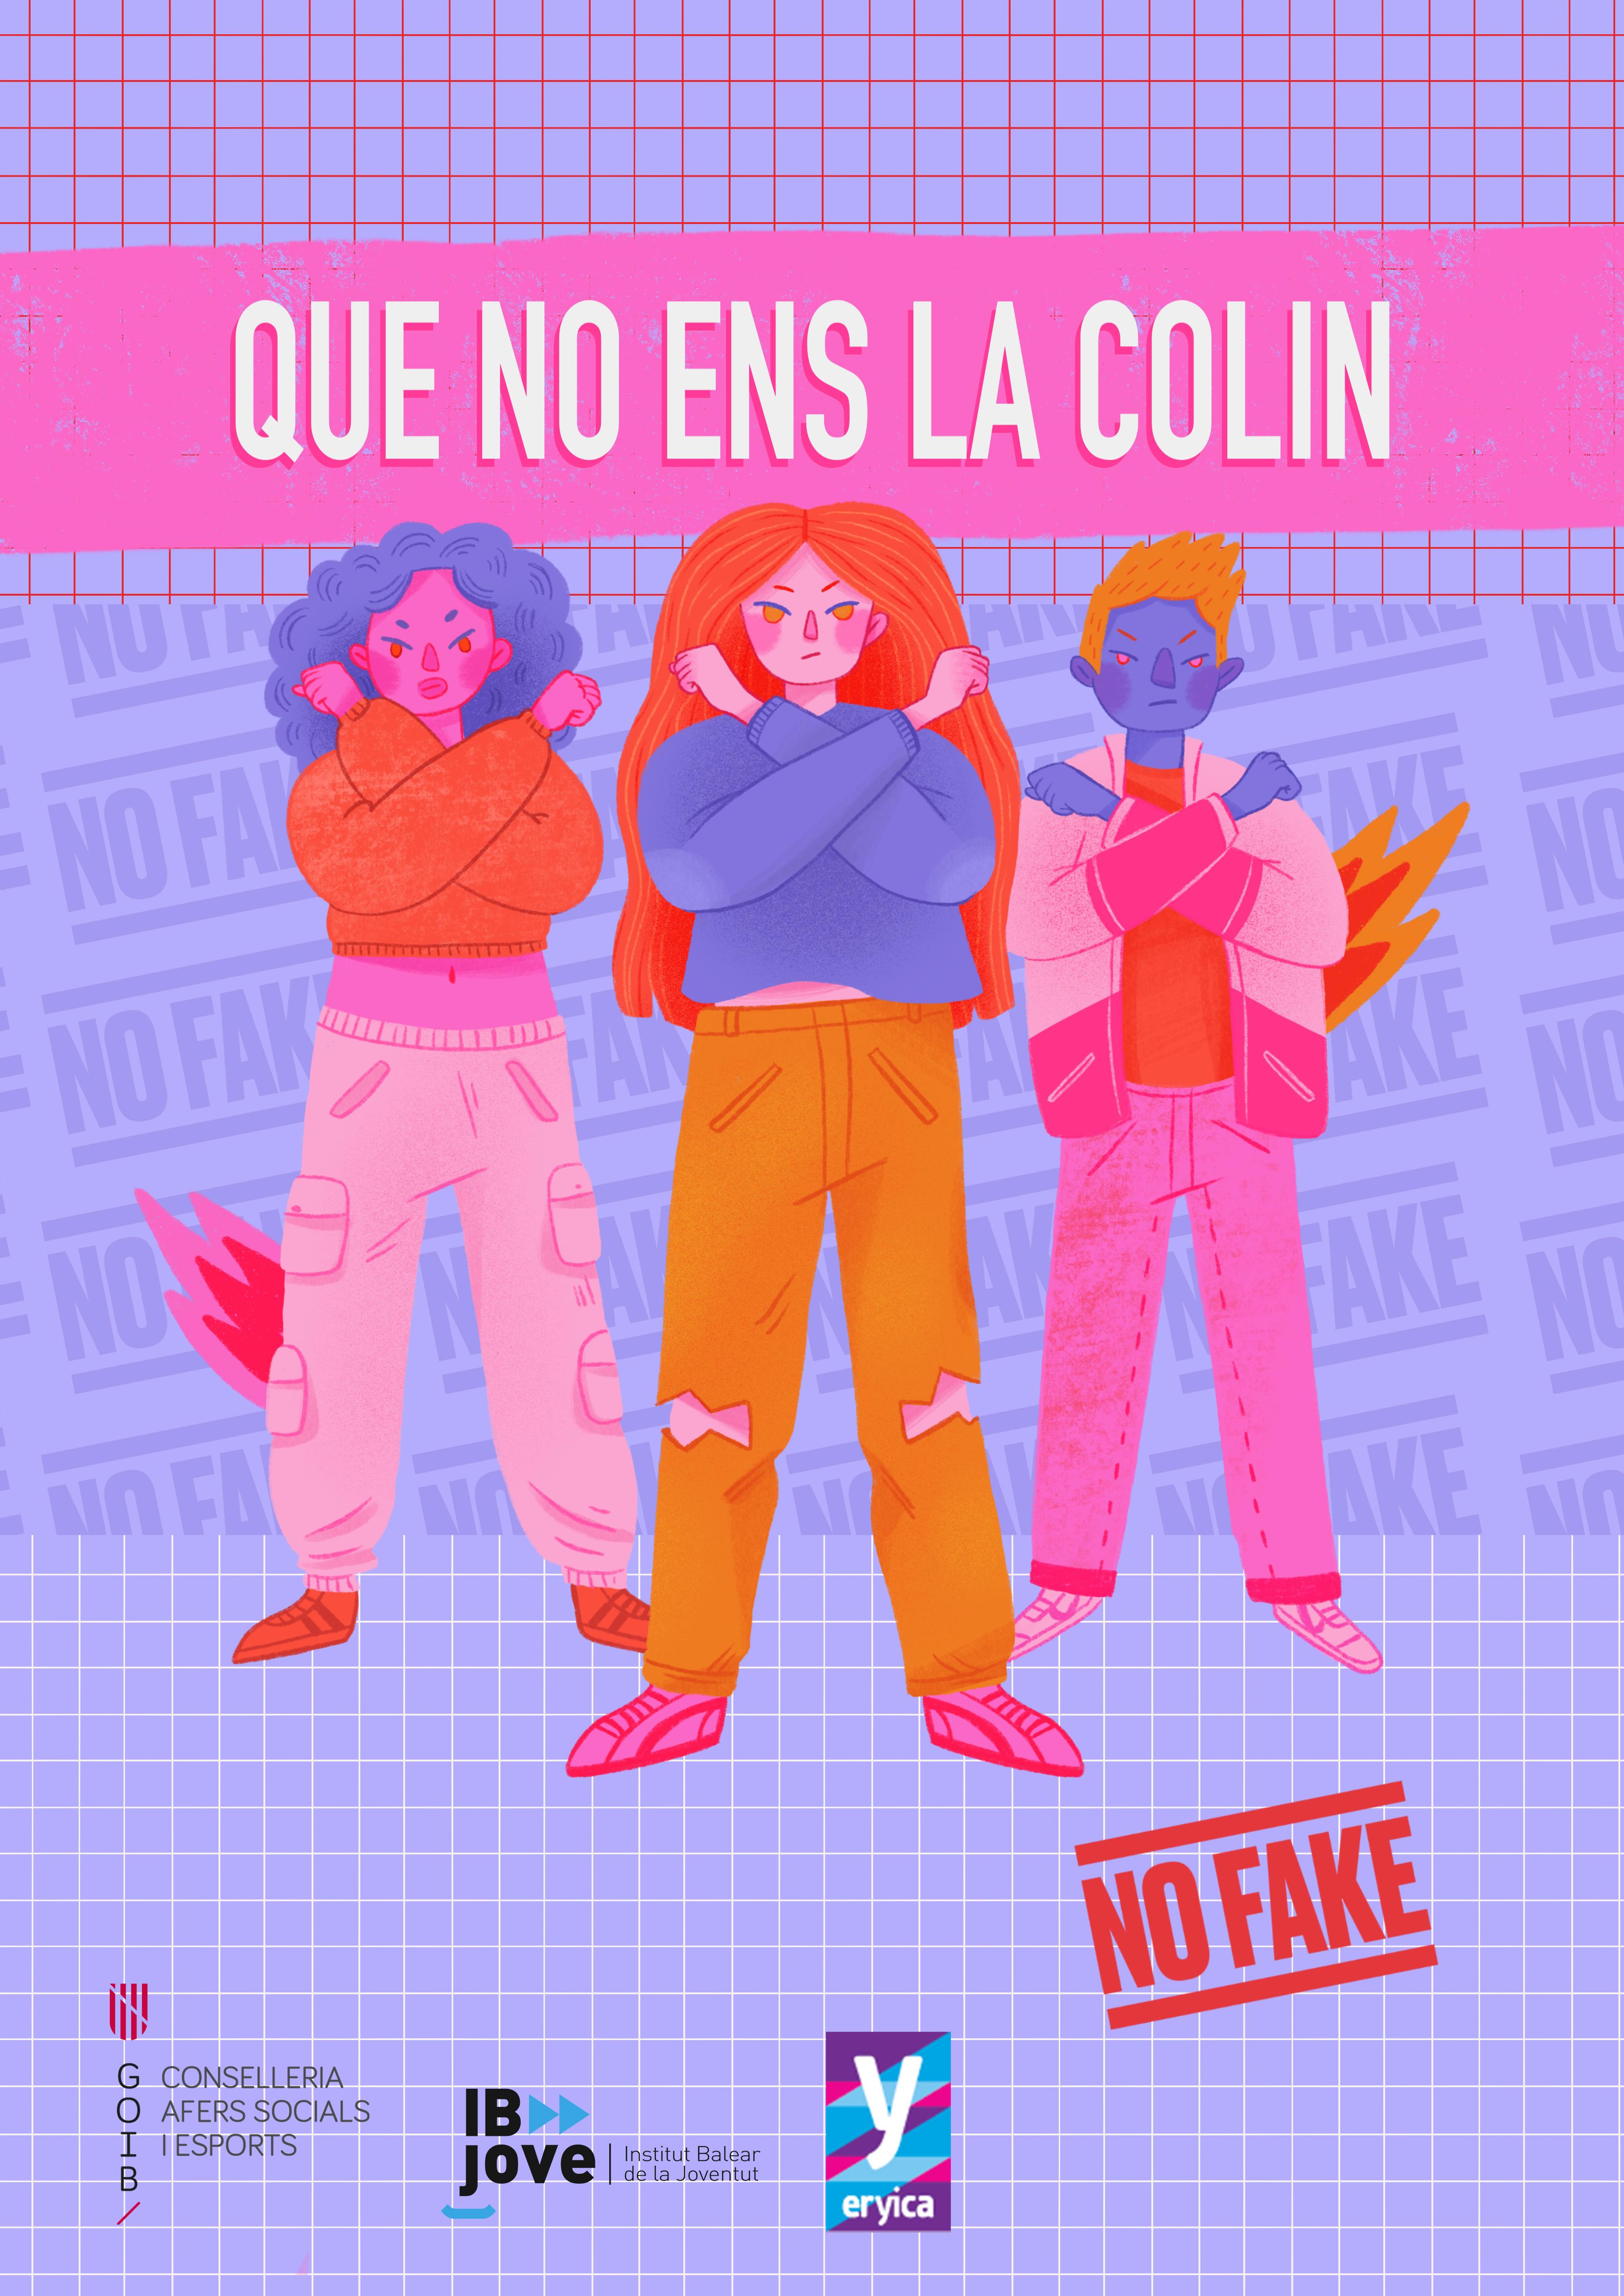 desc_Quenoenslacolin_poster (1).jpg